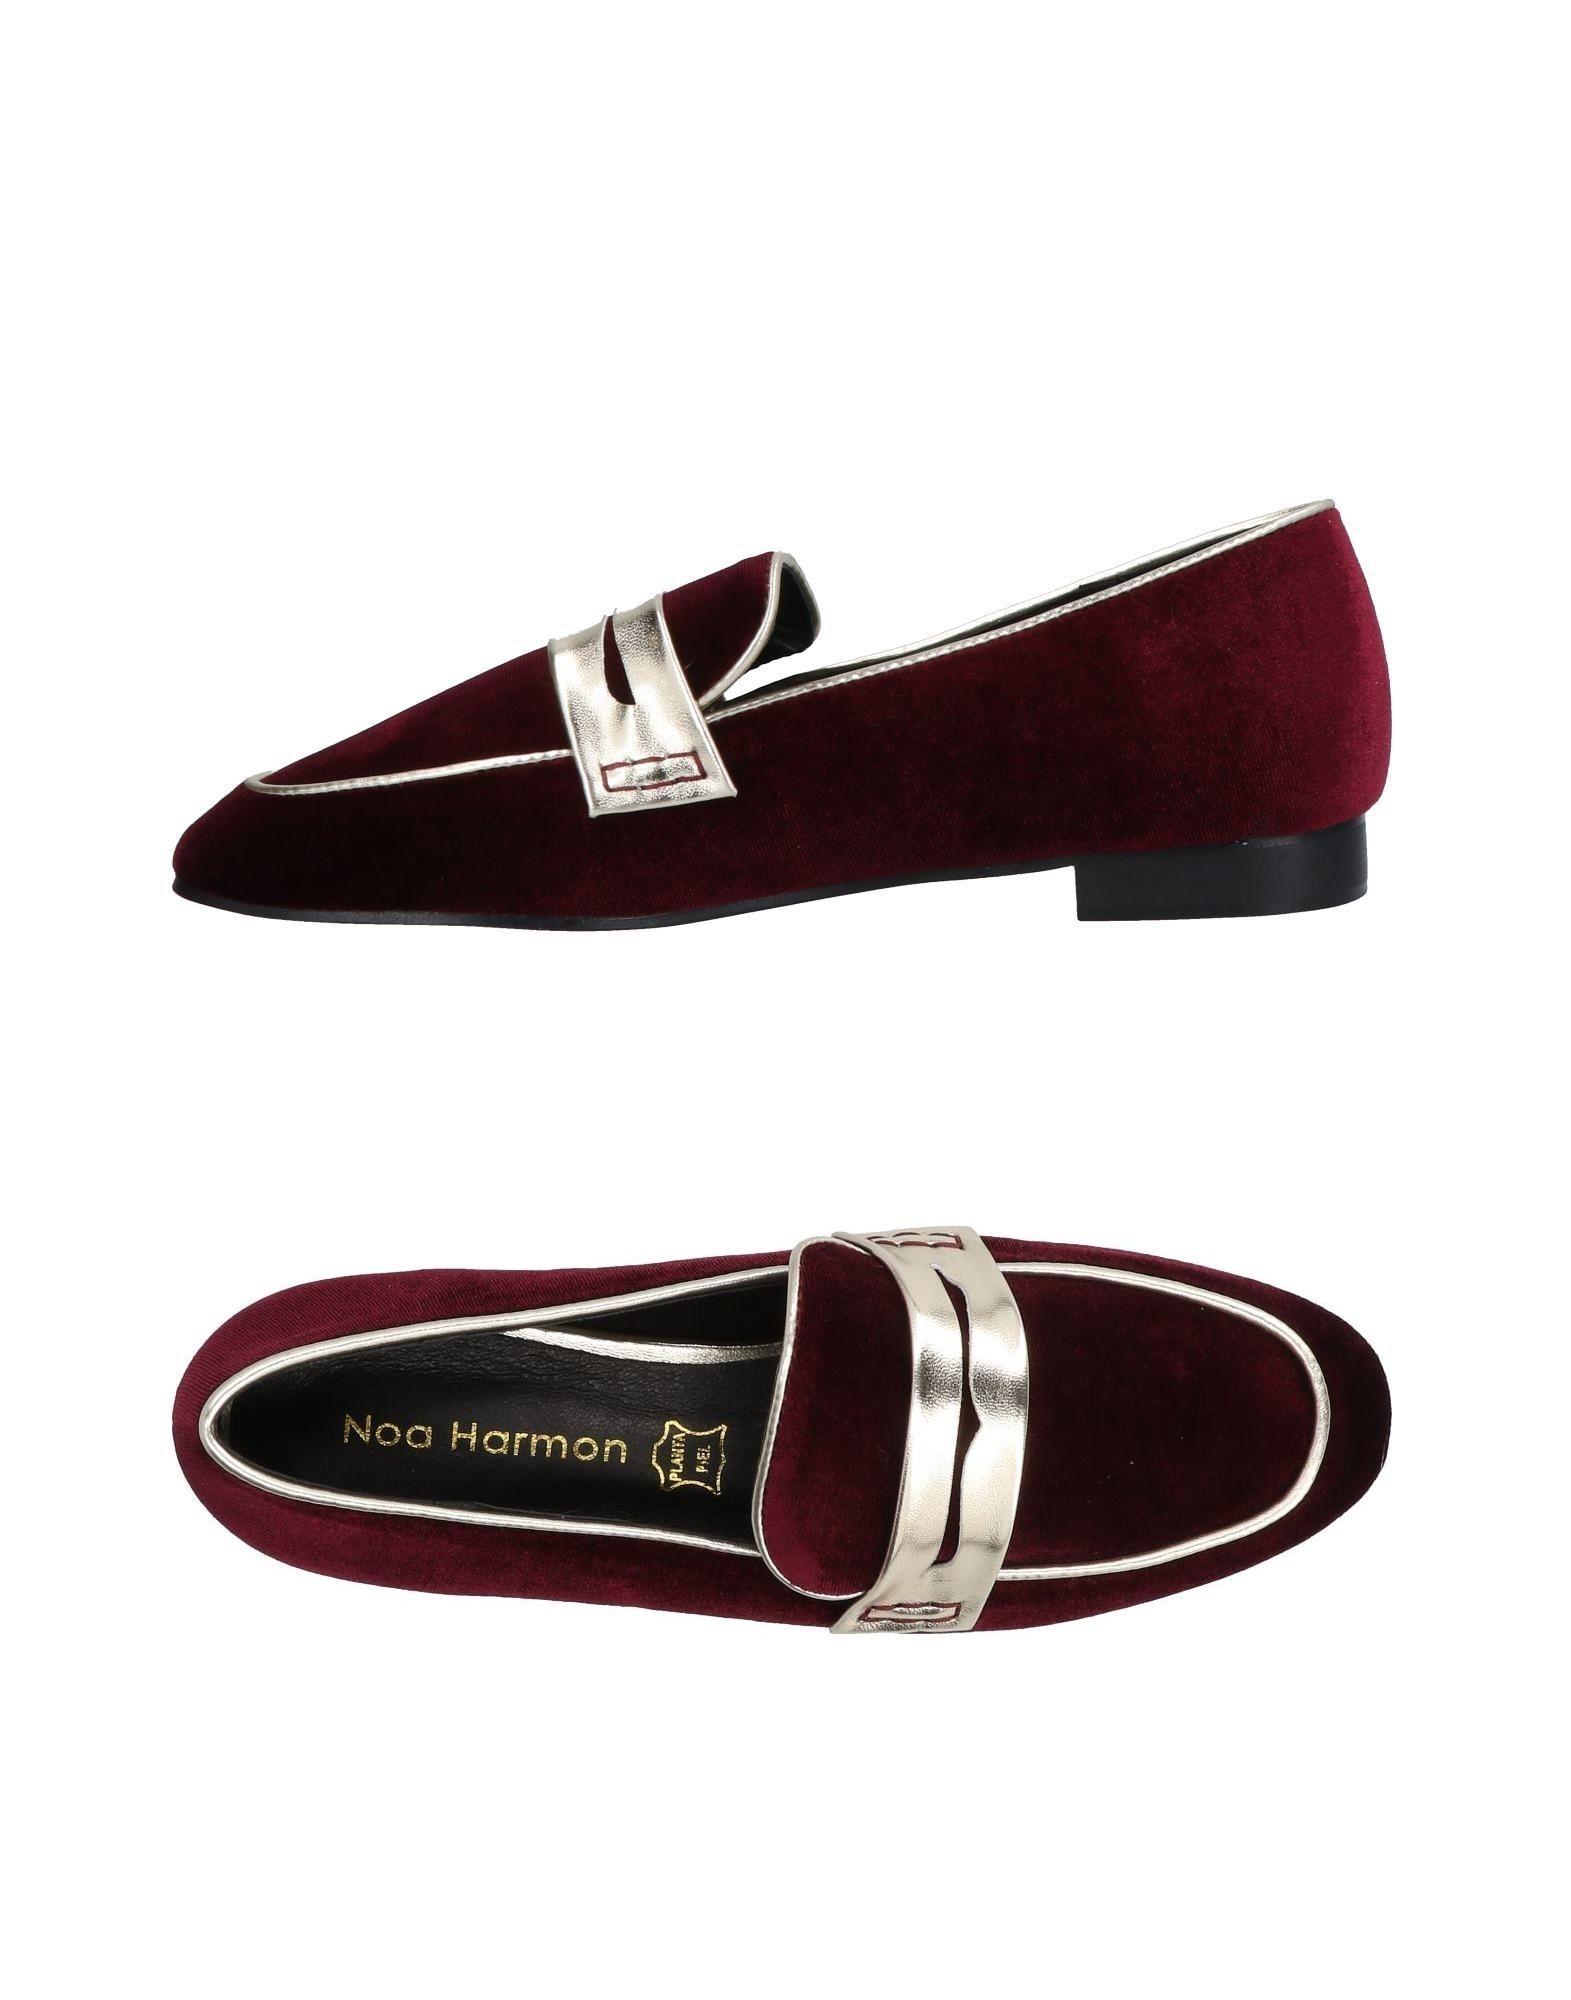 Noa Harmon Mokassins Damen  Schuhe 11457963HD Gute Qualität beliebte Schuhe  9759d7